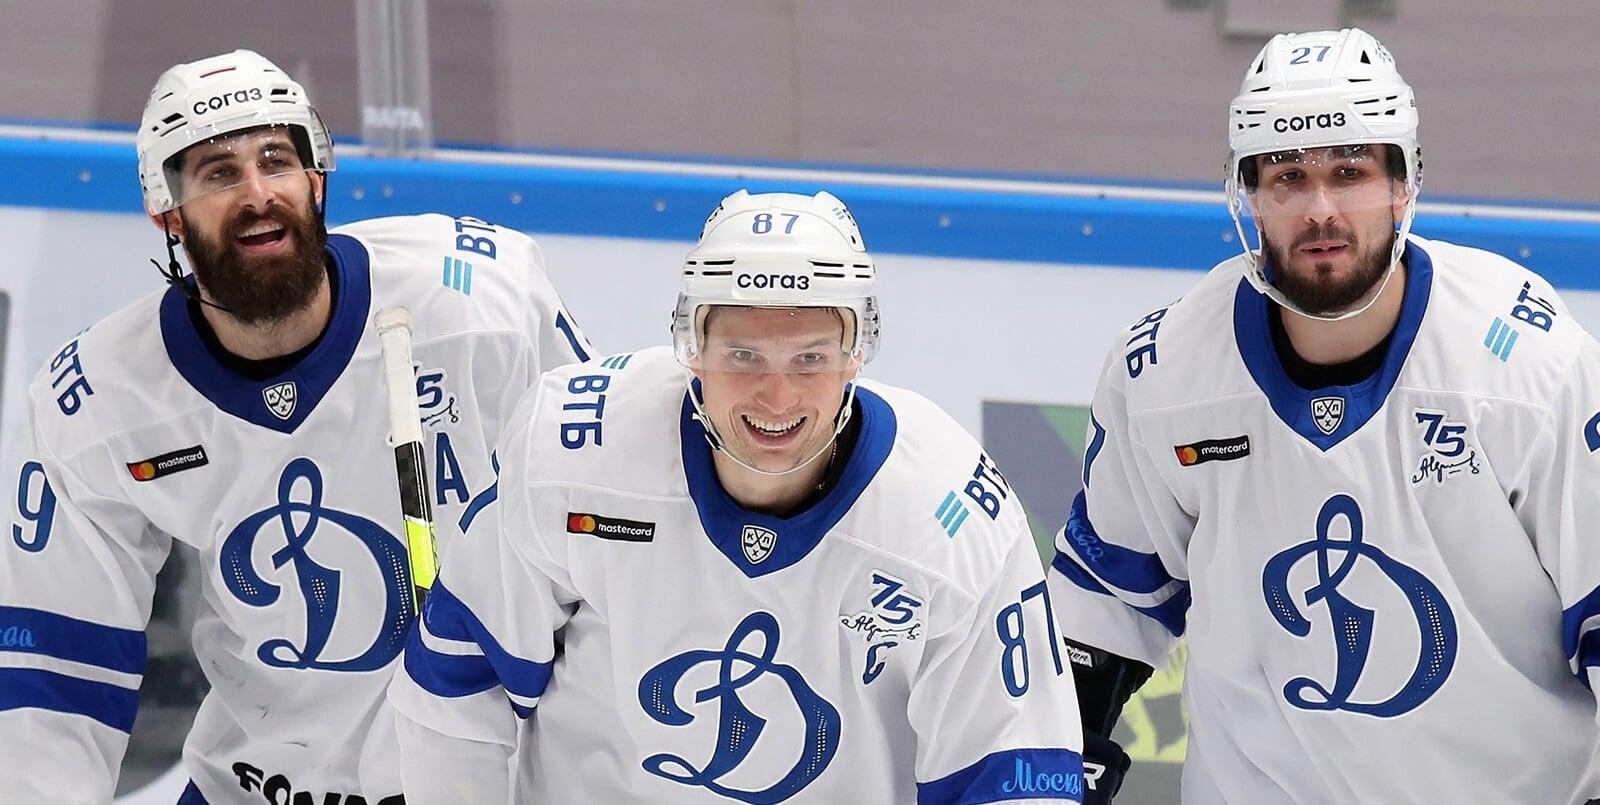 Шипачев о рекорде по передачам в КХЛ: «В Череповце, СКА, «Динамо» играл с крутыми пацанами. Без них такого не было бы»